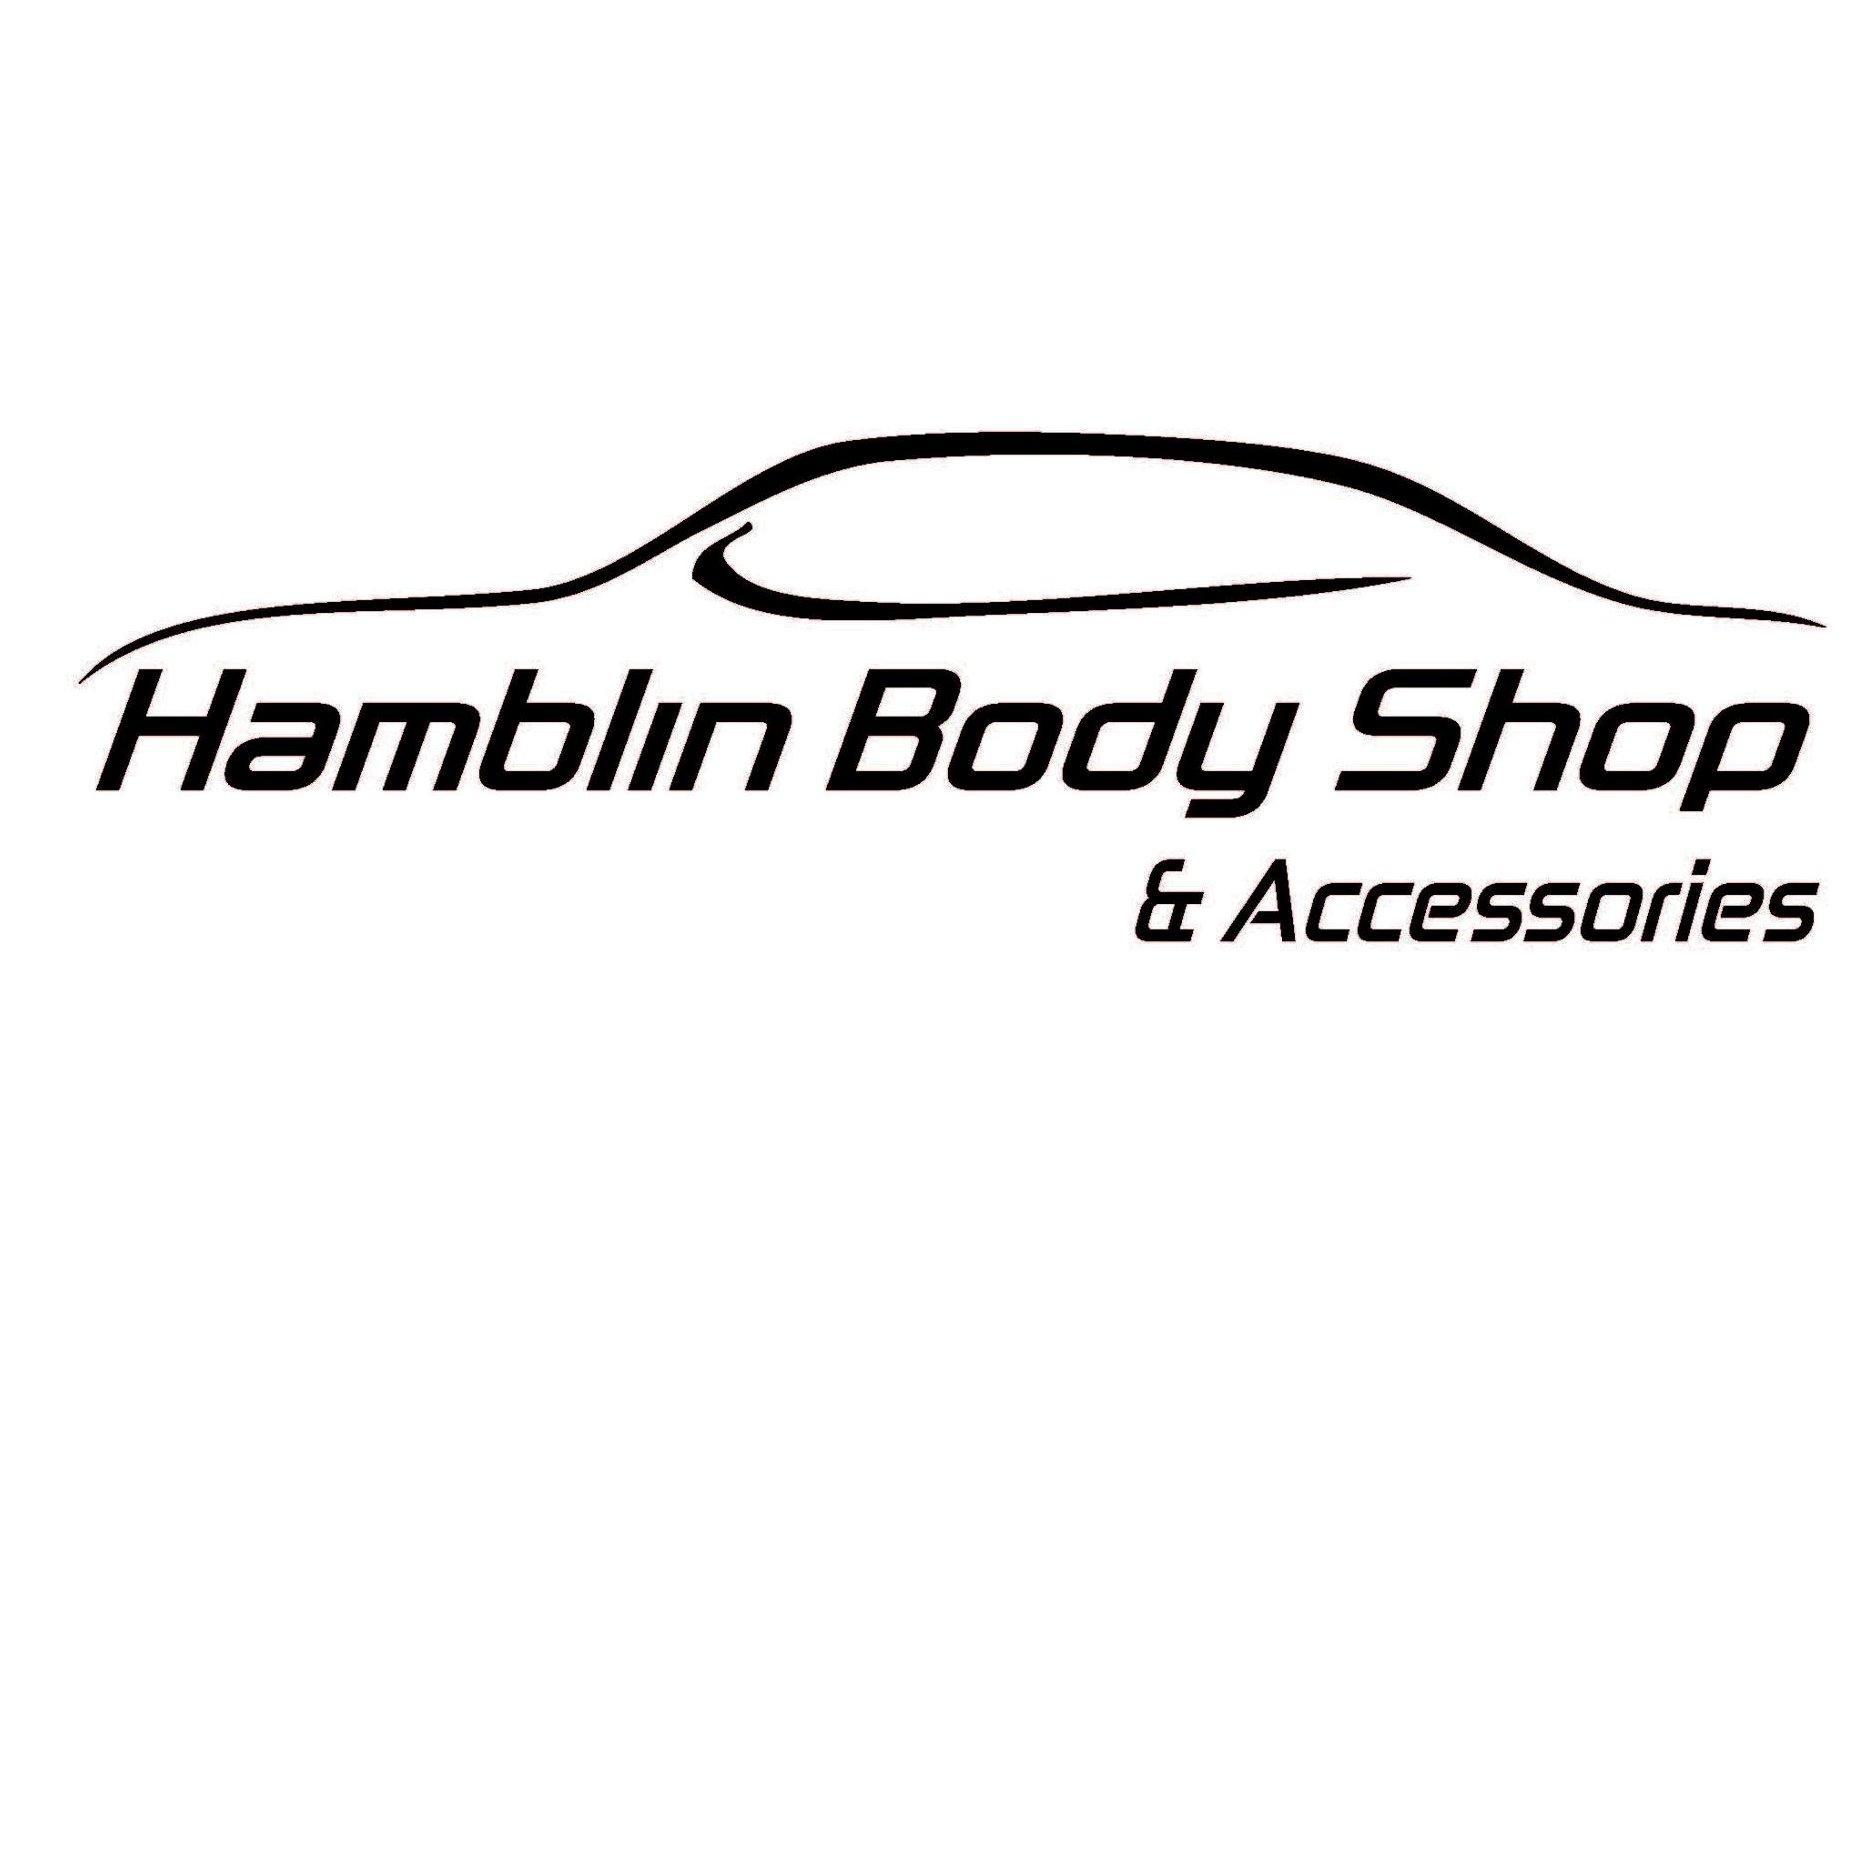 Hamblin Body Shop